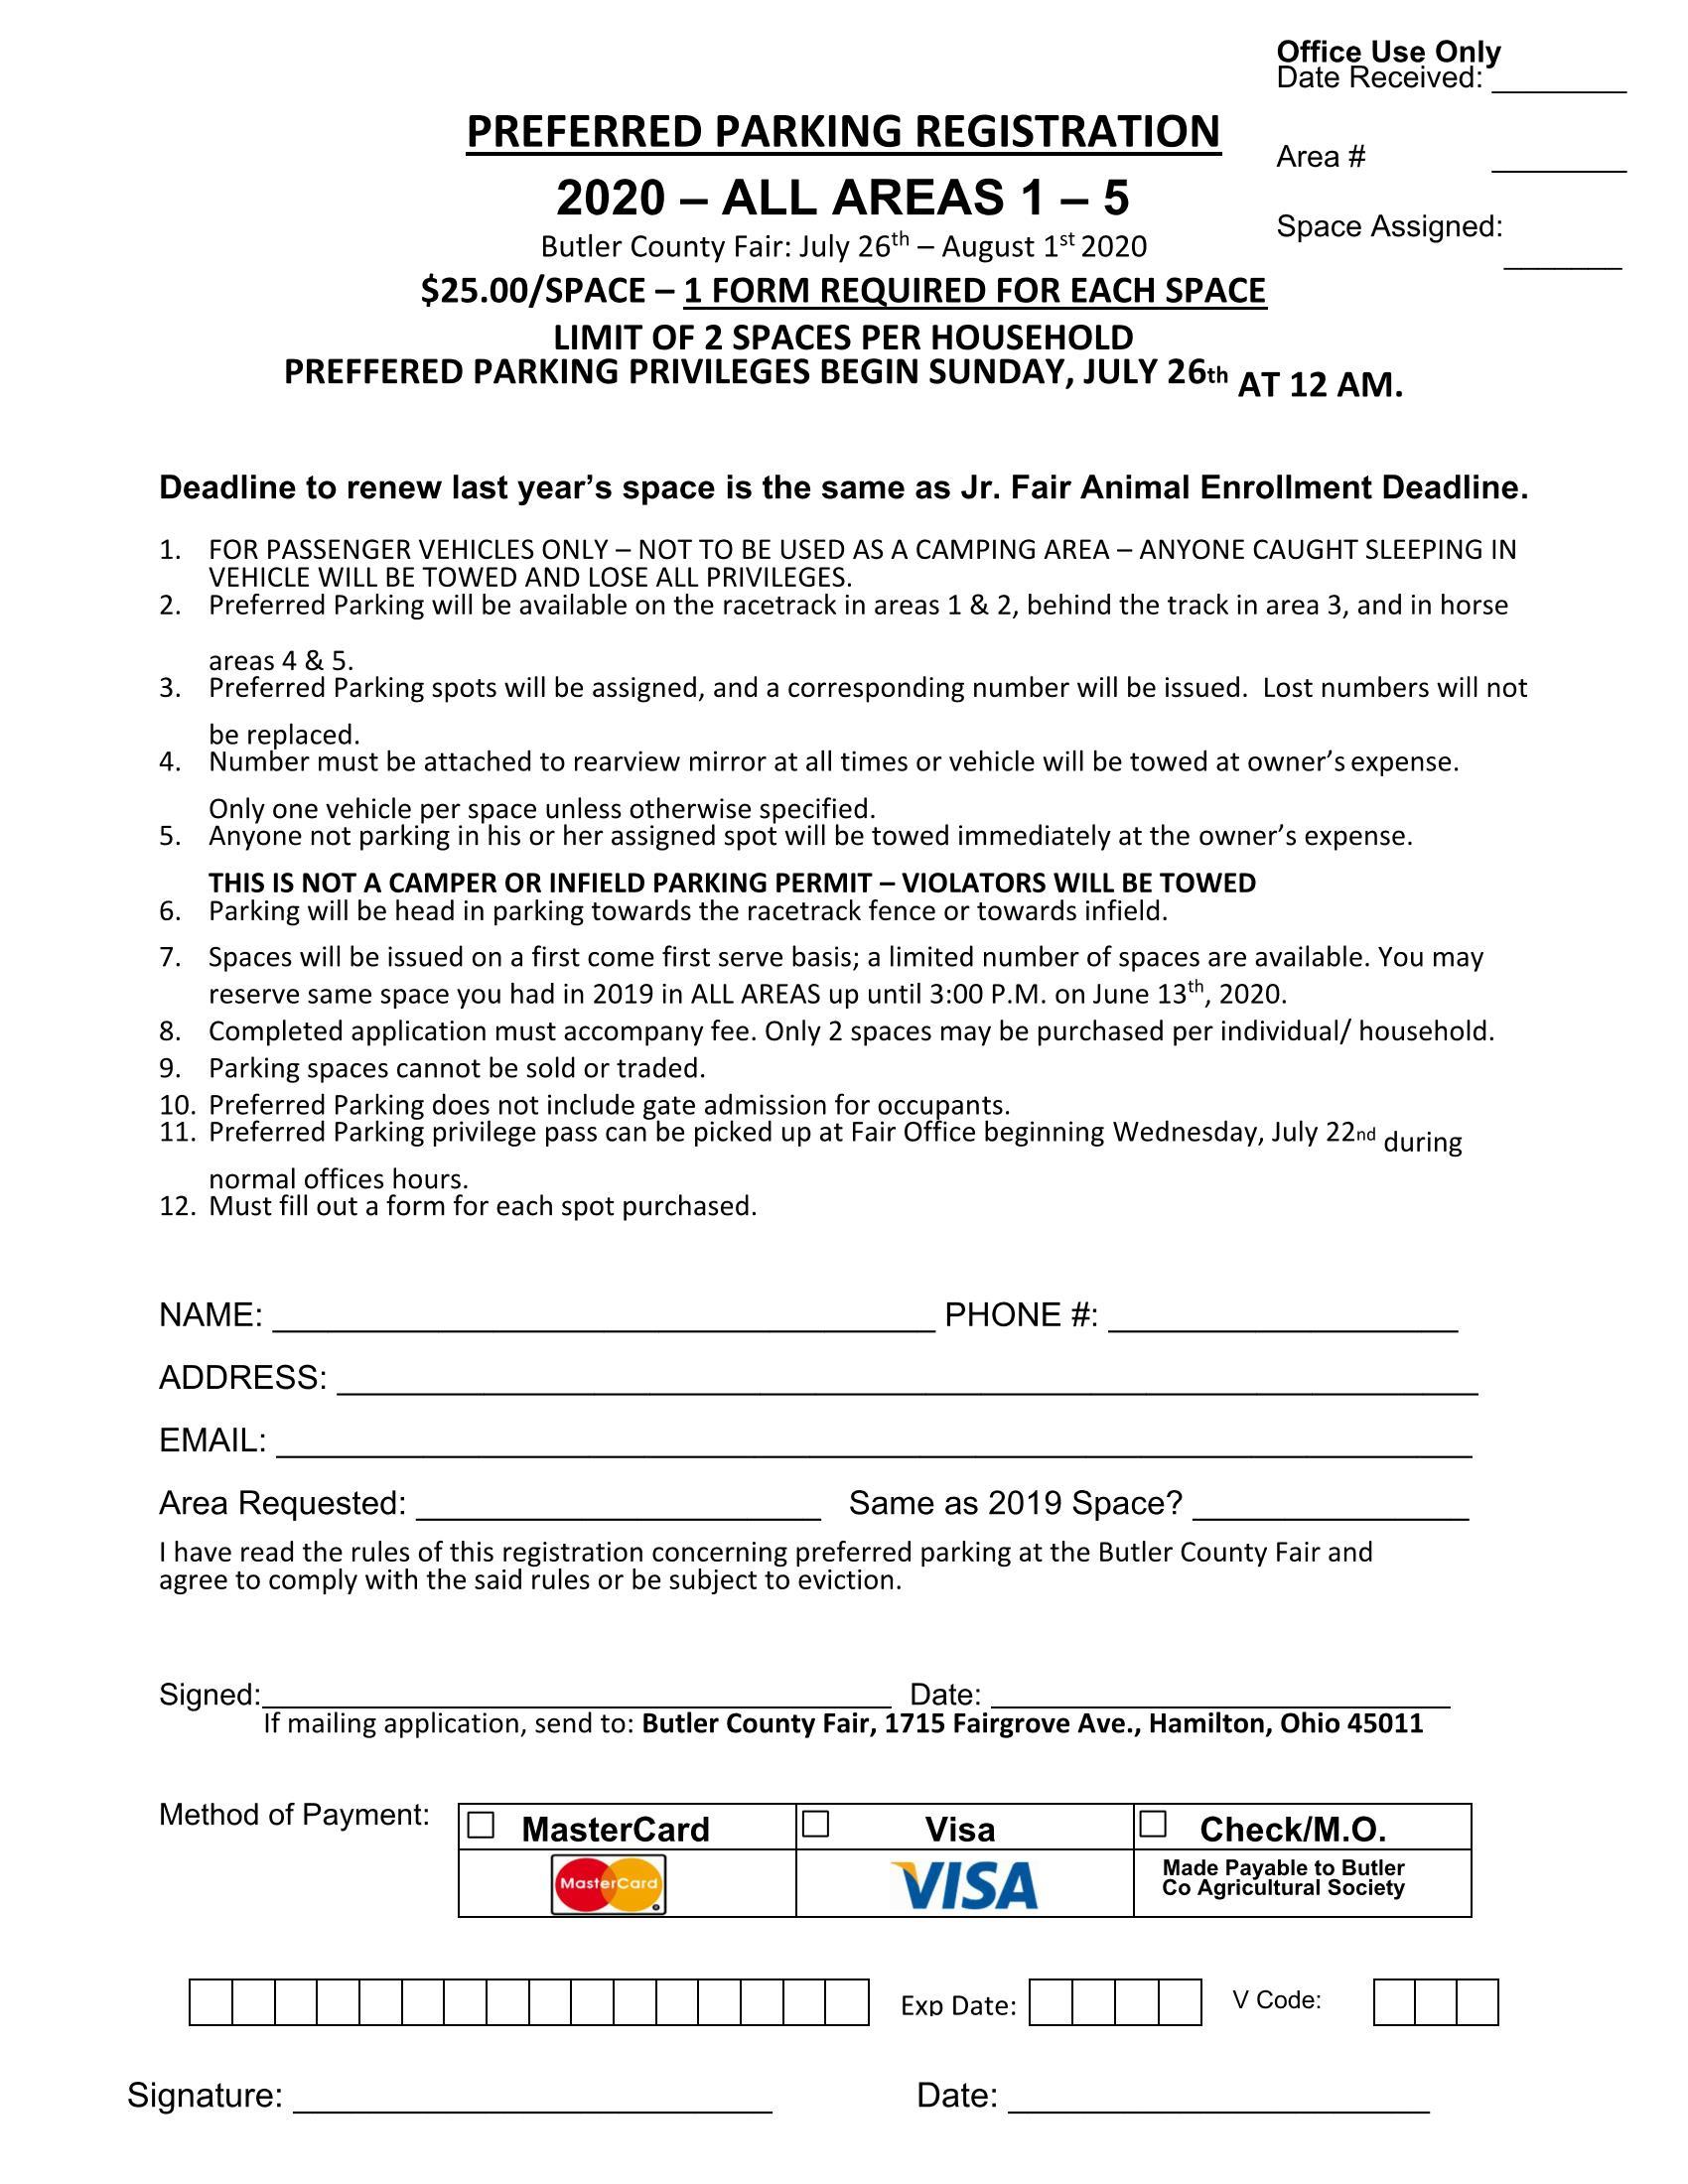 PREFERRED PARKING REGISTRATION FORM 2020_Page_1